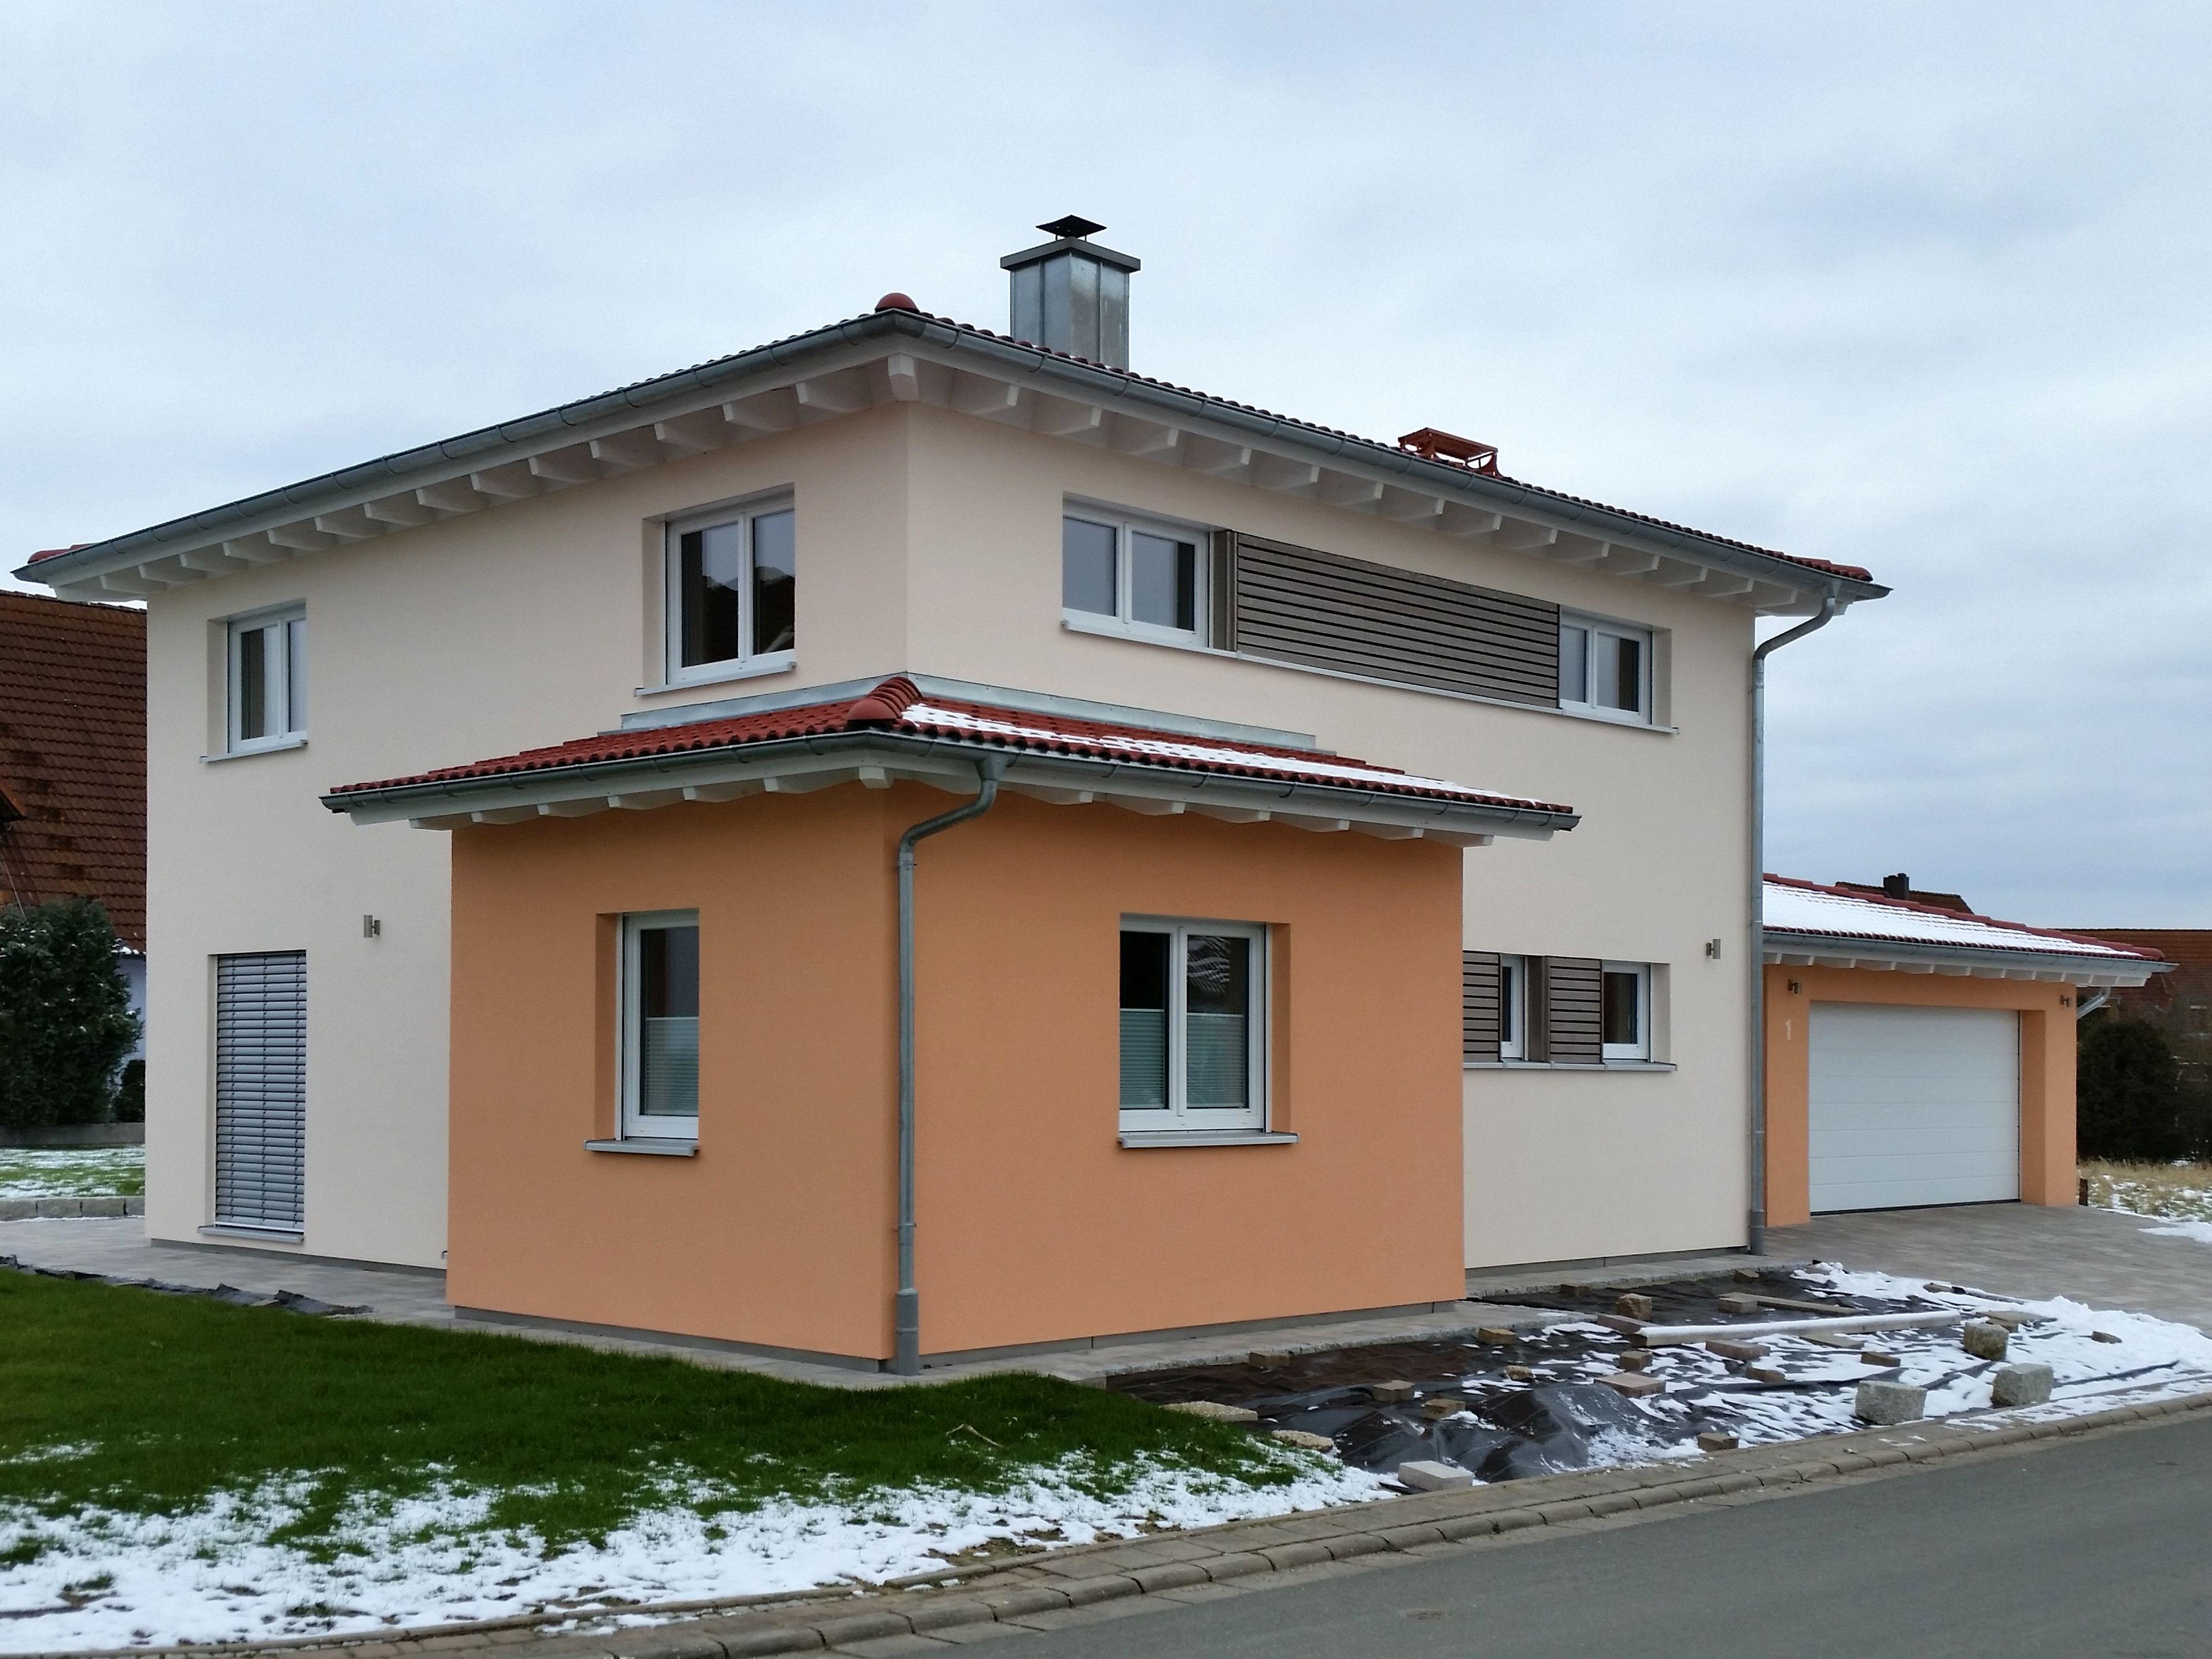 Astounding Haus Anbau Foto Von Modern Zeltdach Modern Fenster Anbau Modern Mit